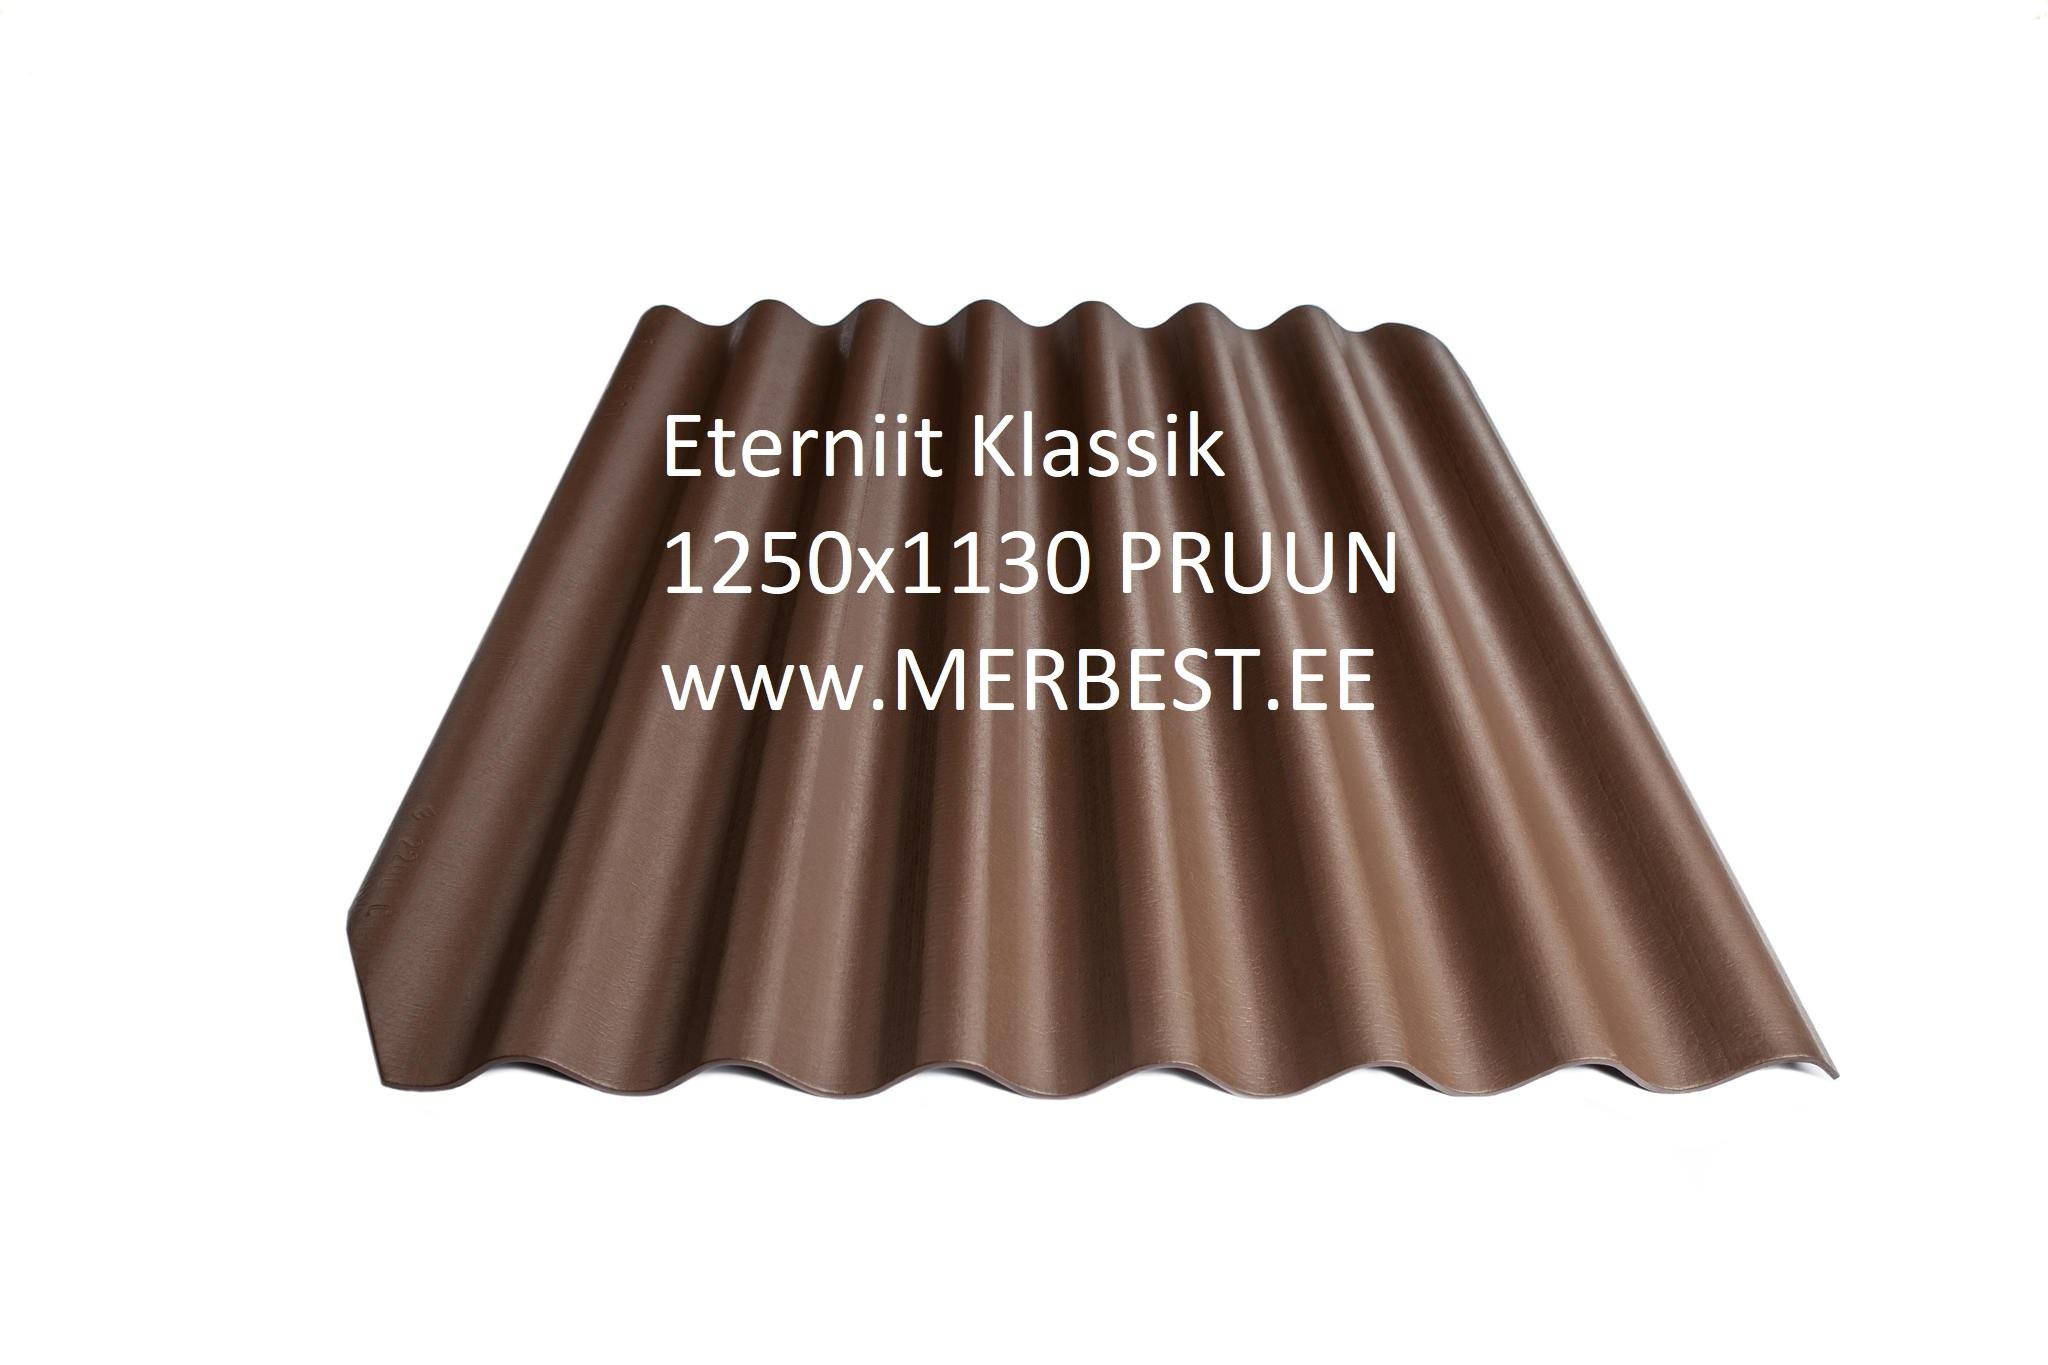 Eterniit Klassik, eterniitkatus, eterniidi müük, LEEDU ETERNIIT ETERNIIT KLASSIK 1250X1130 PRUUN